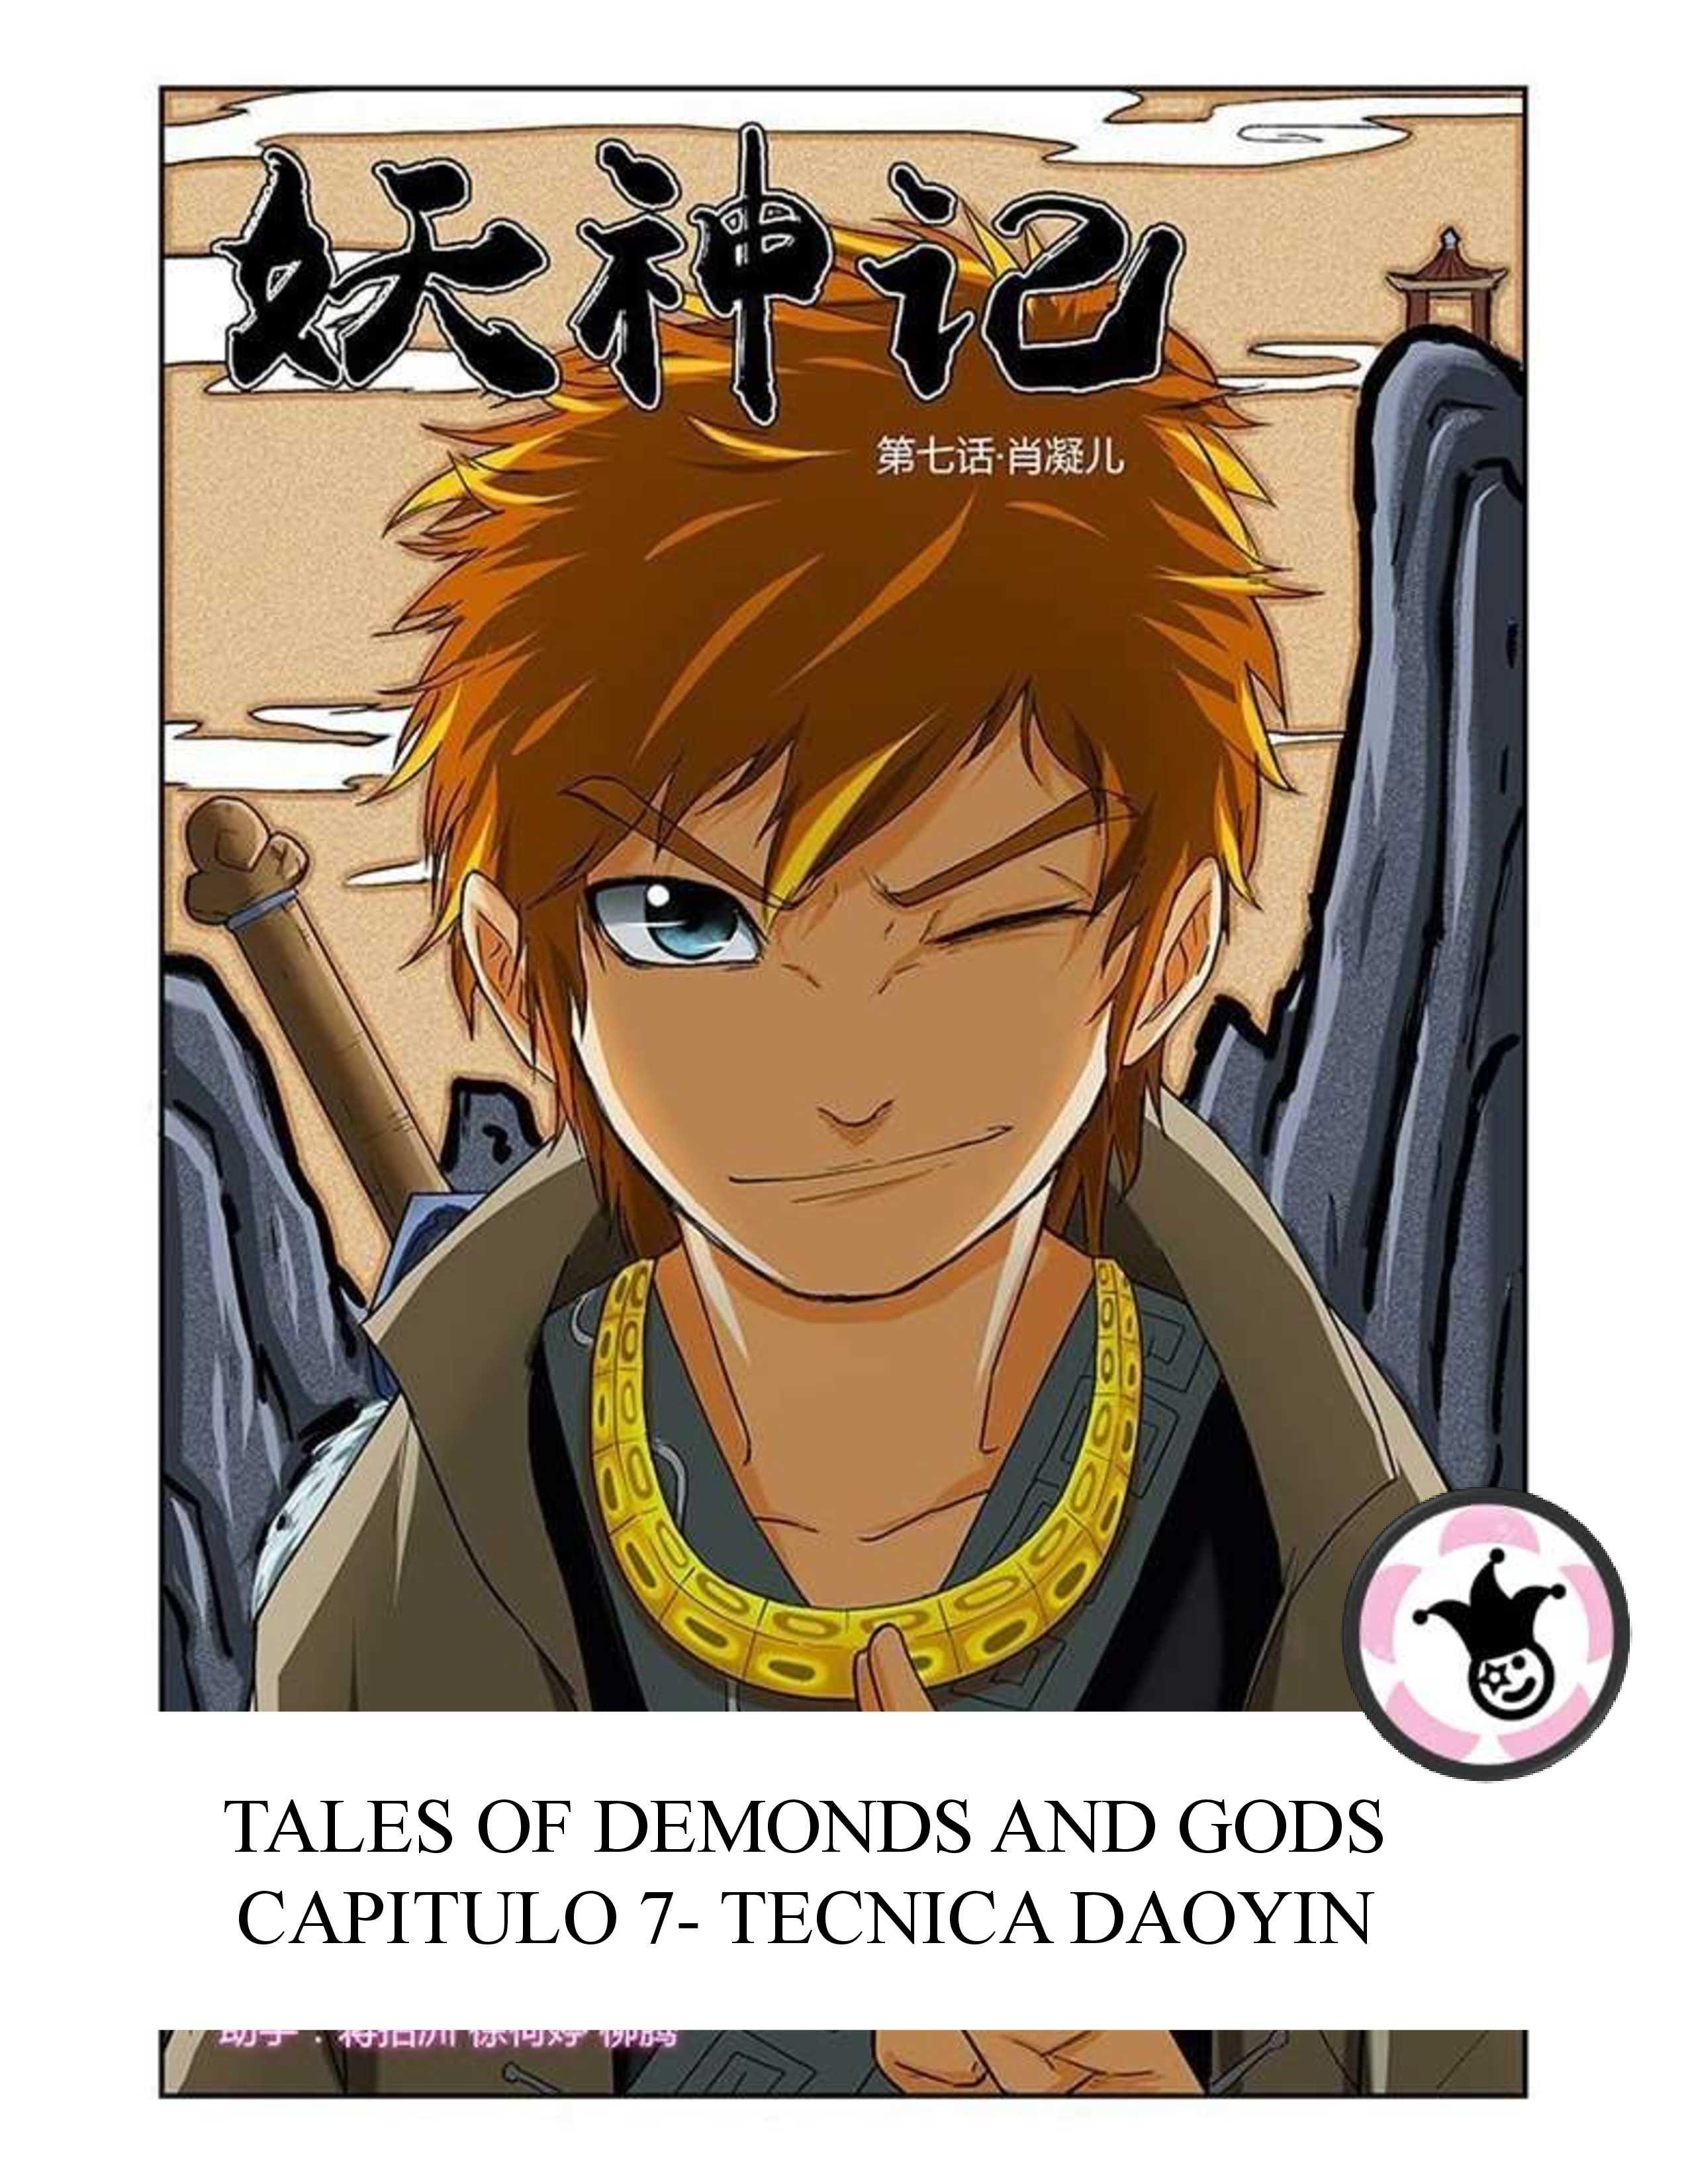 https://c5.ninemanga.com/es_manga/44/20012/478809/37281569c4df0307a395bbae7abc1c7f.jpg Page 1